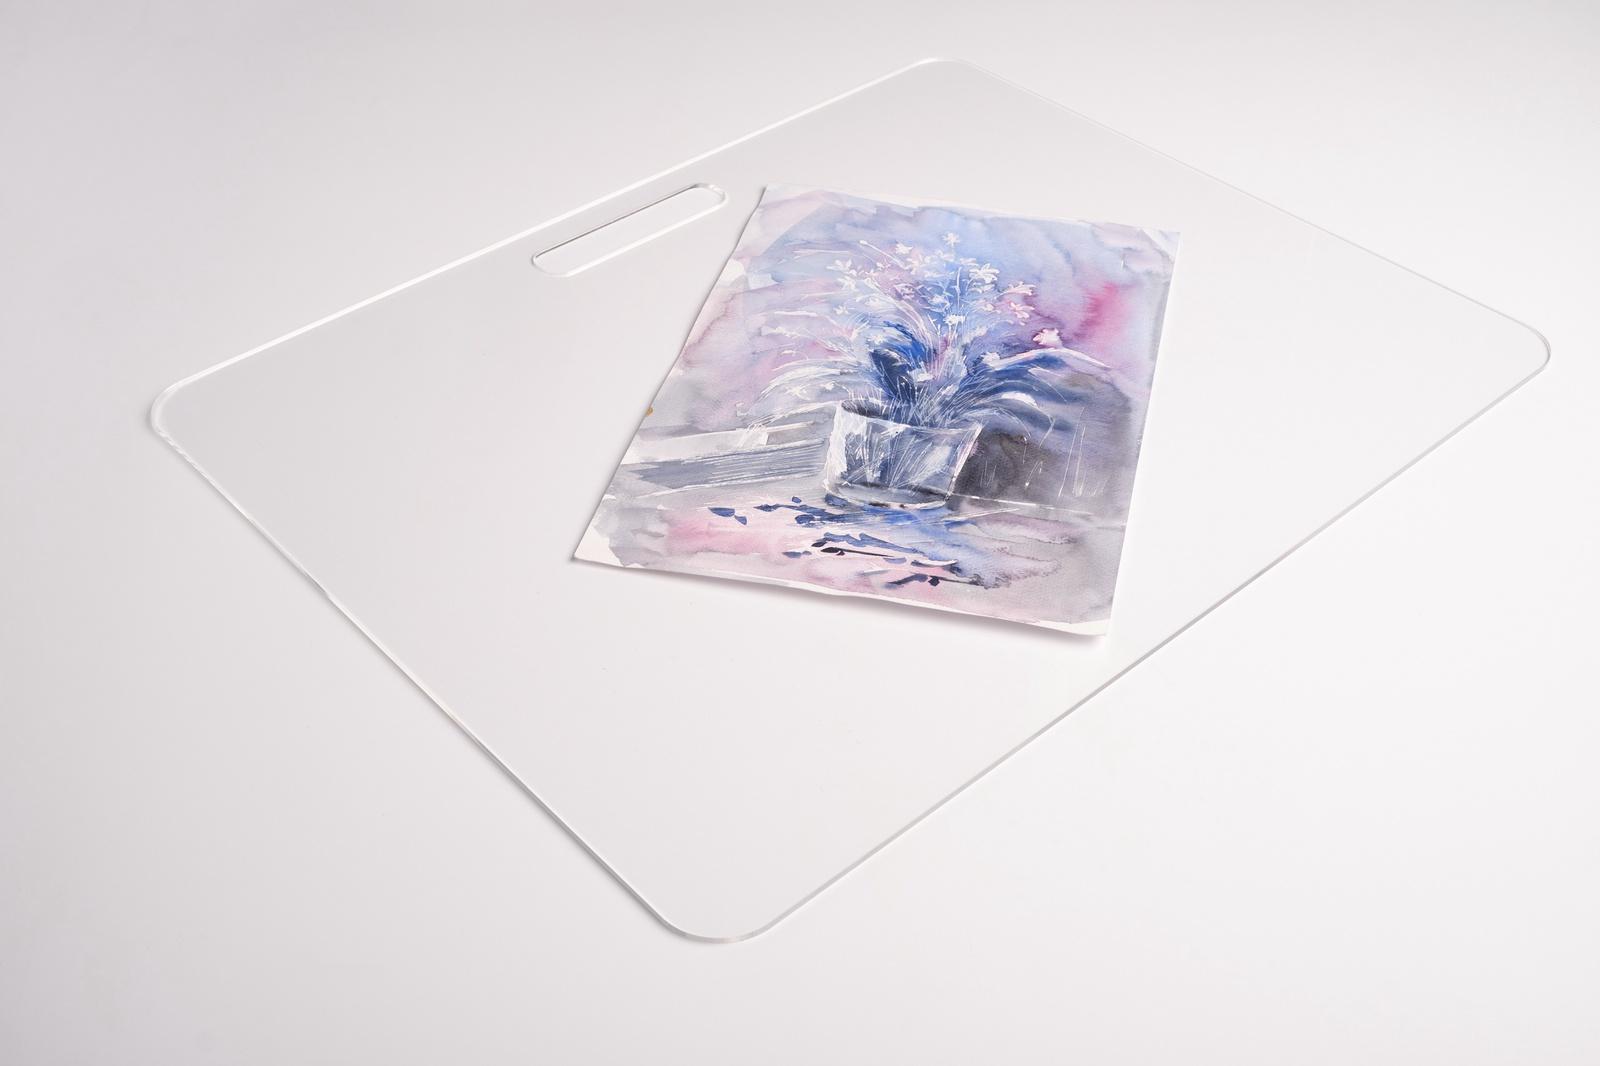 Прозрачный планшет для рисования из оргстекла картинка период